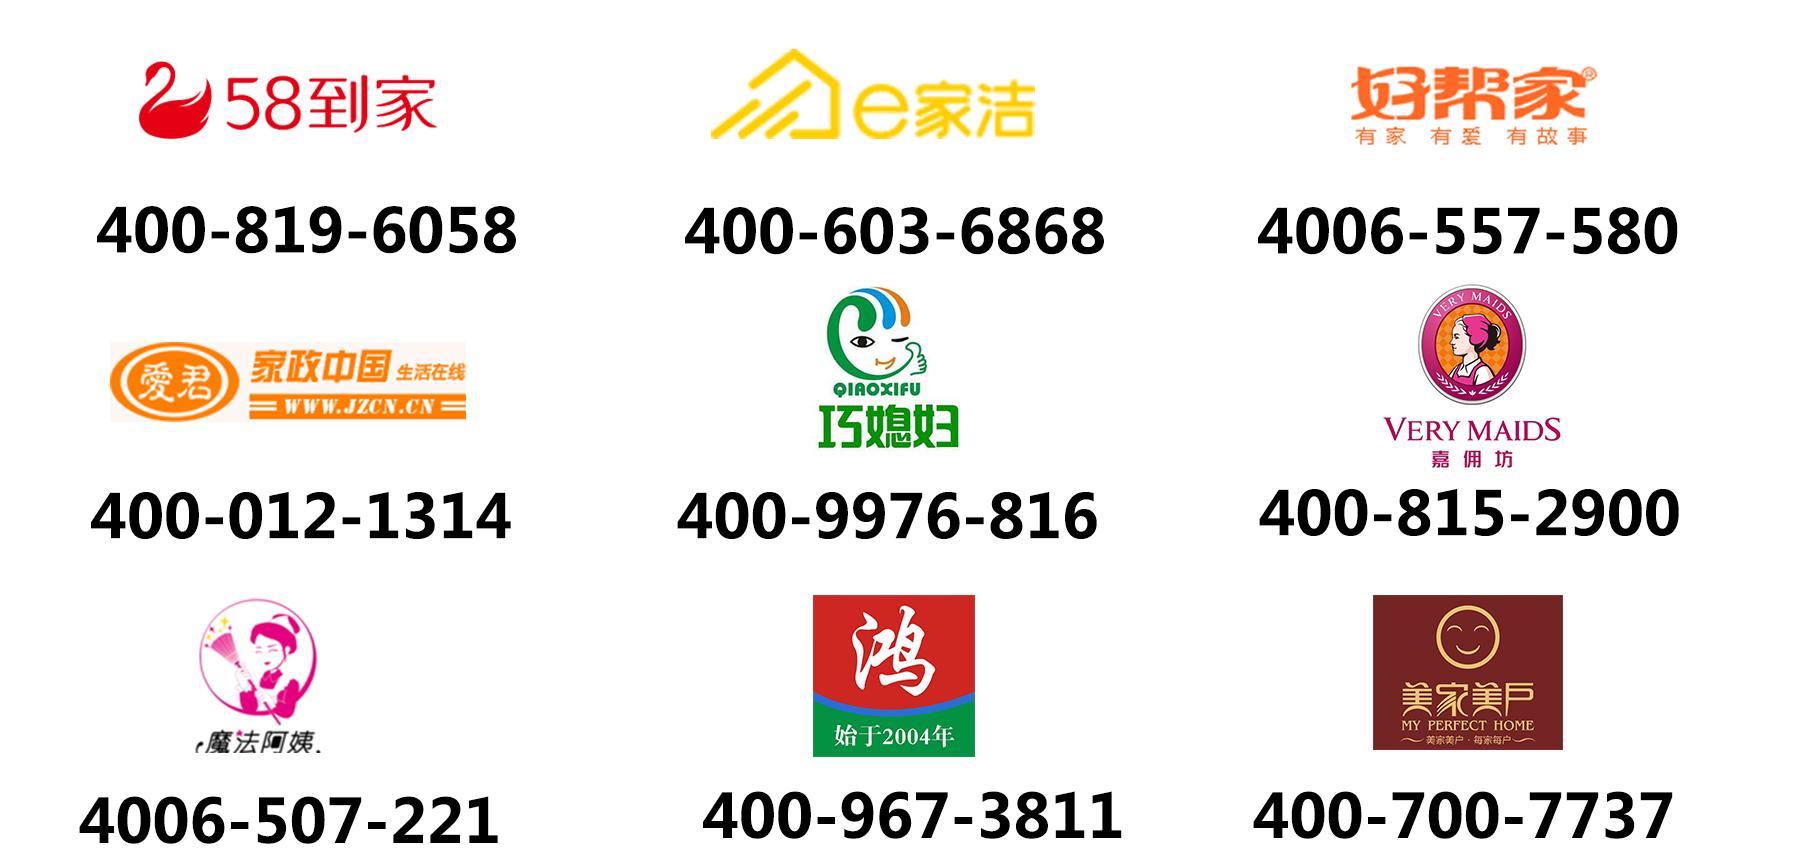 家政服务行业400电话使用案例